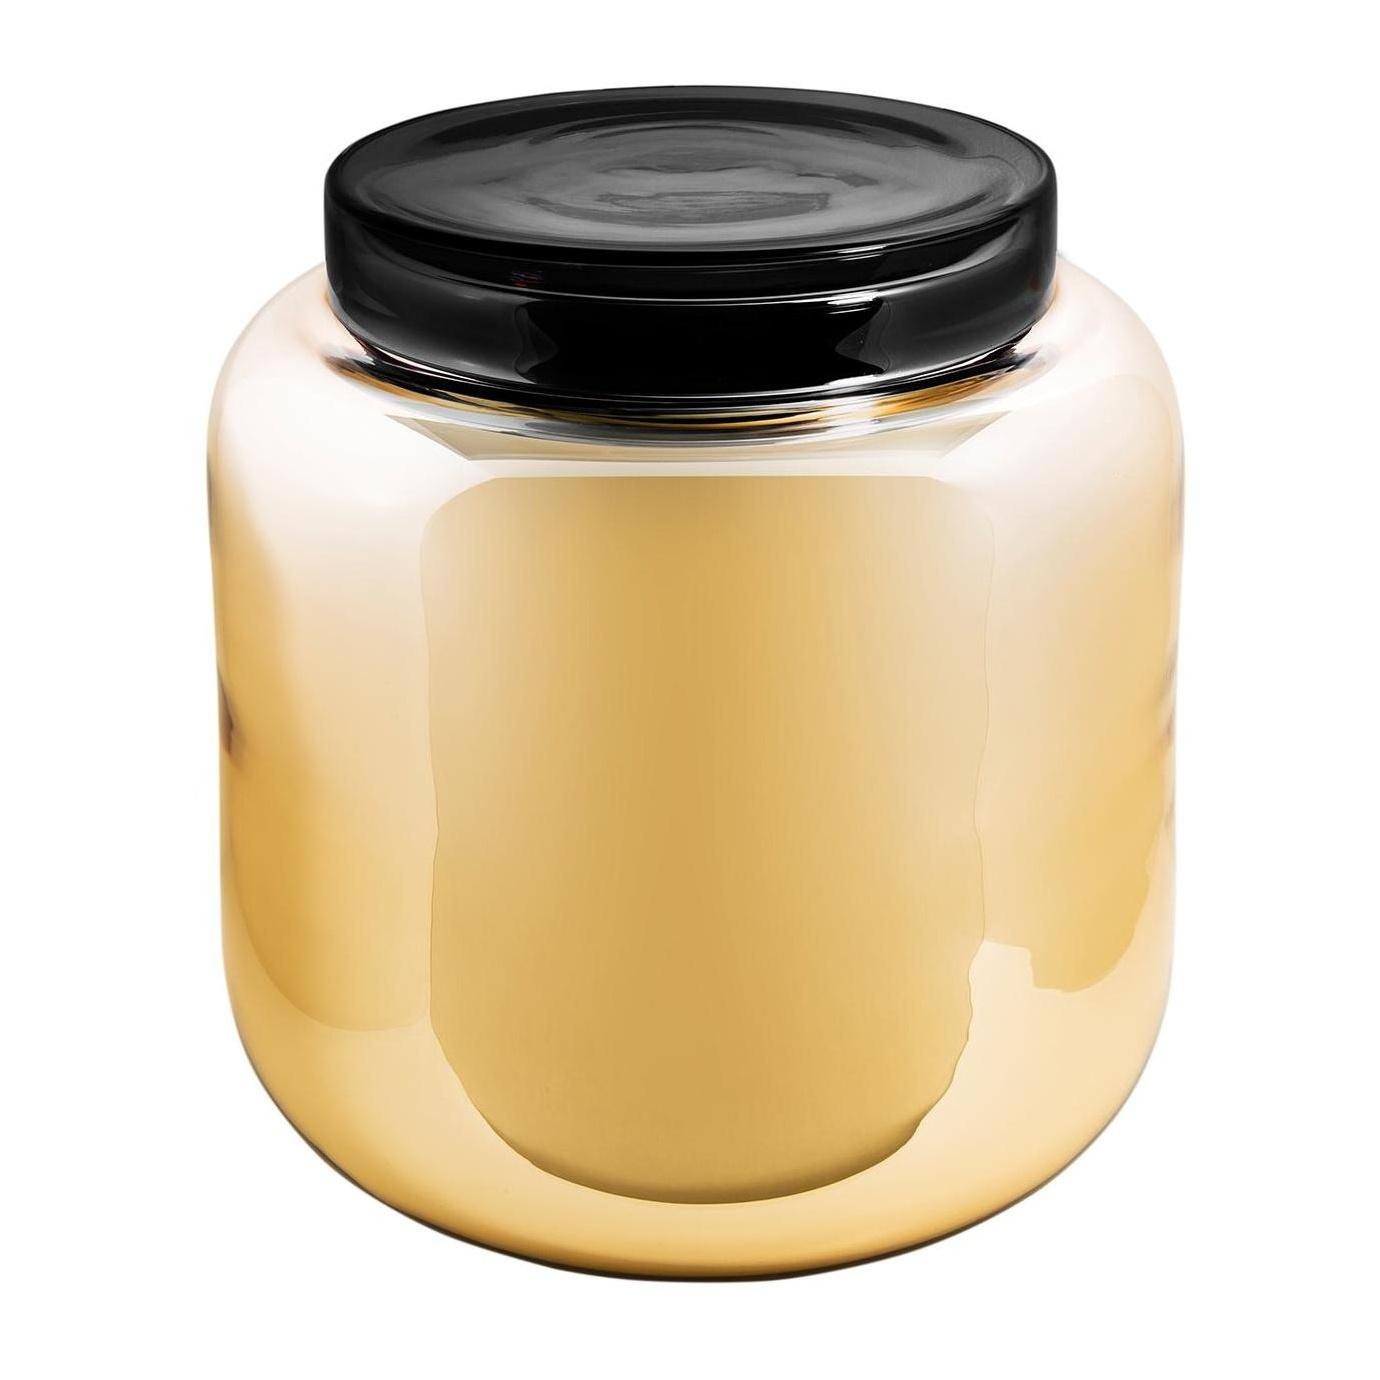 pulpo - Container - Table d'appoint - orange/argenté/couverture noir/H 40cm/Ø 39cm